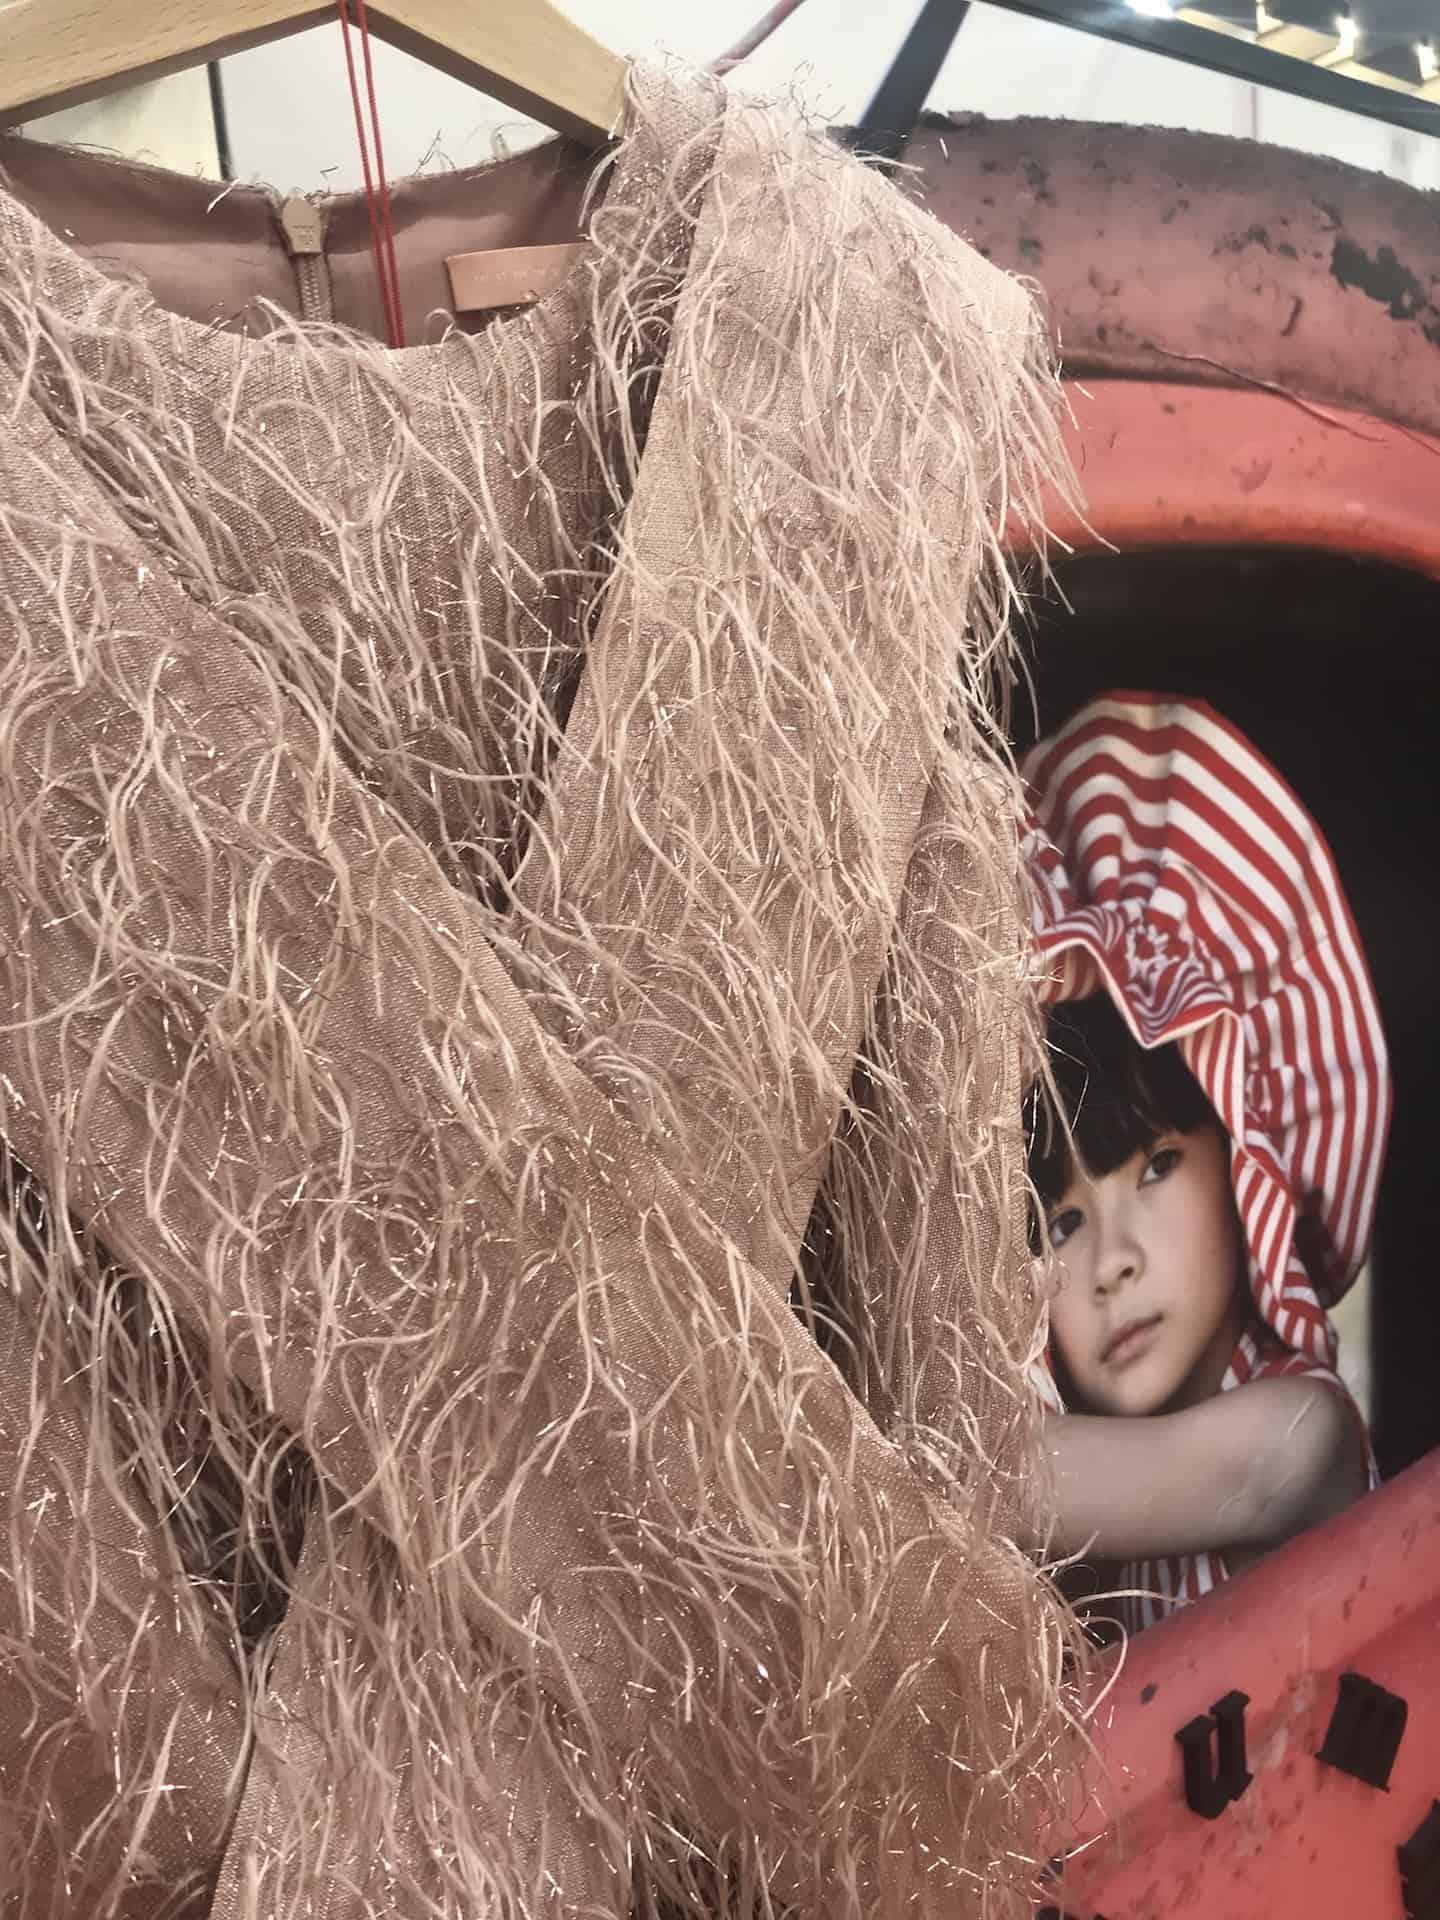 Mummy Moon SS20 kids fashion collection at Pitti Bimbo 89